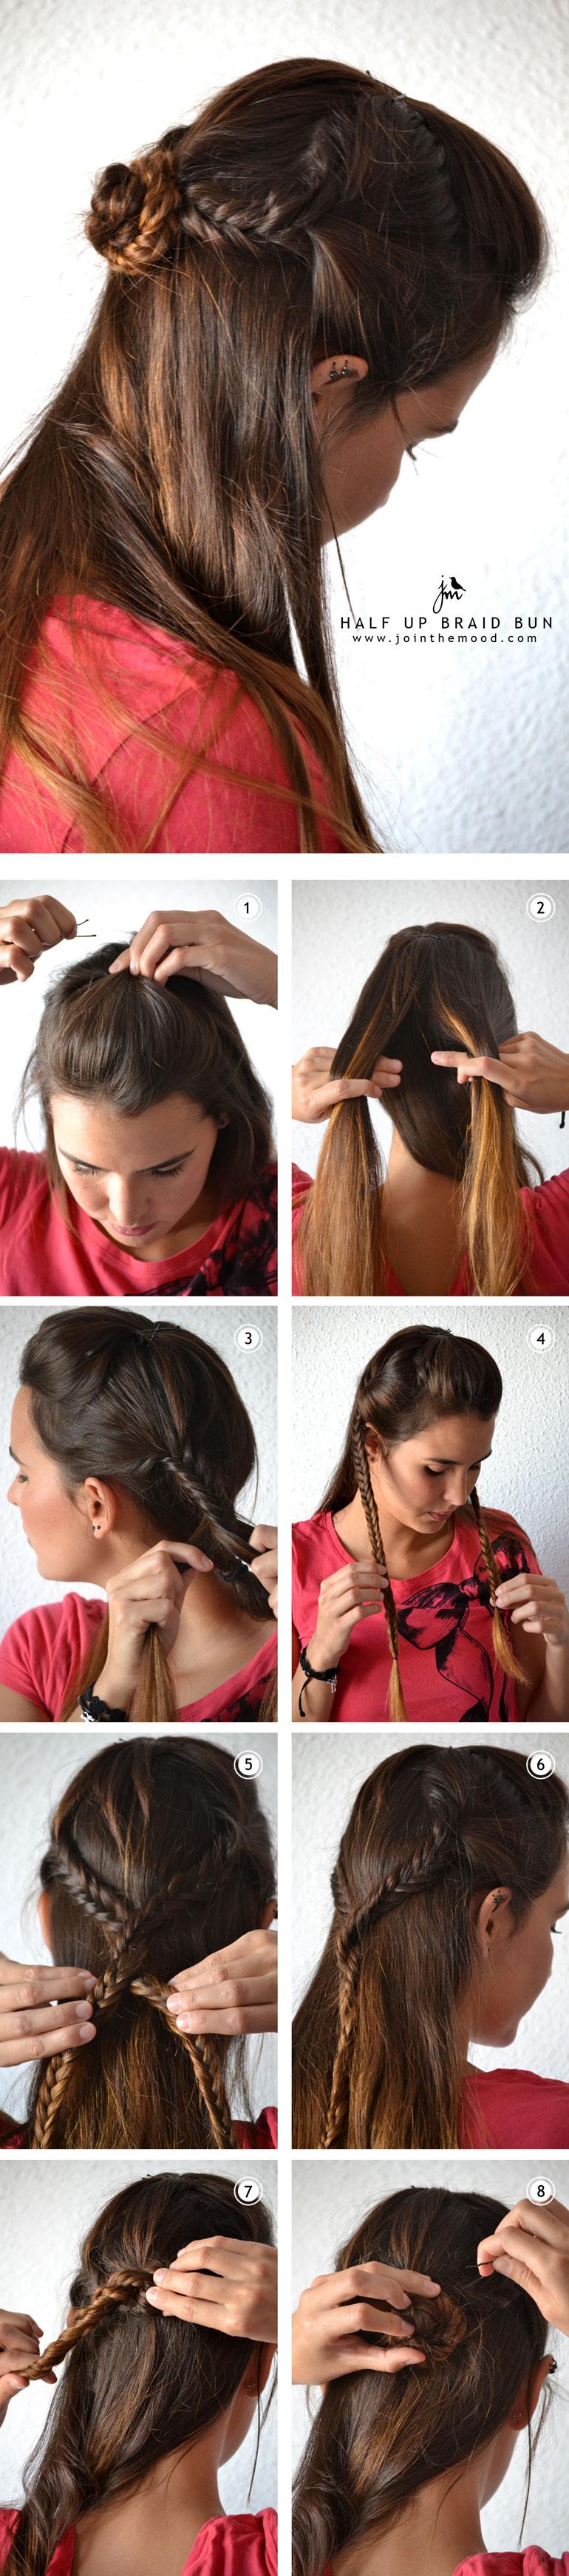 half up braid bun